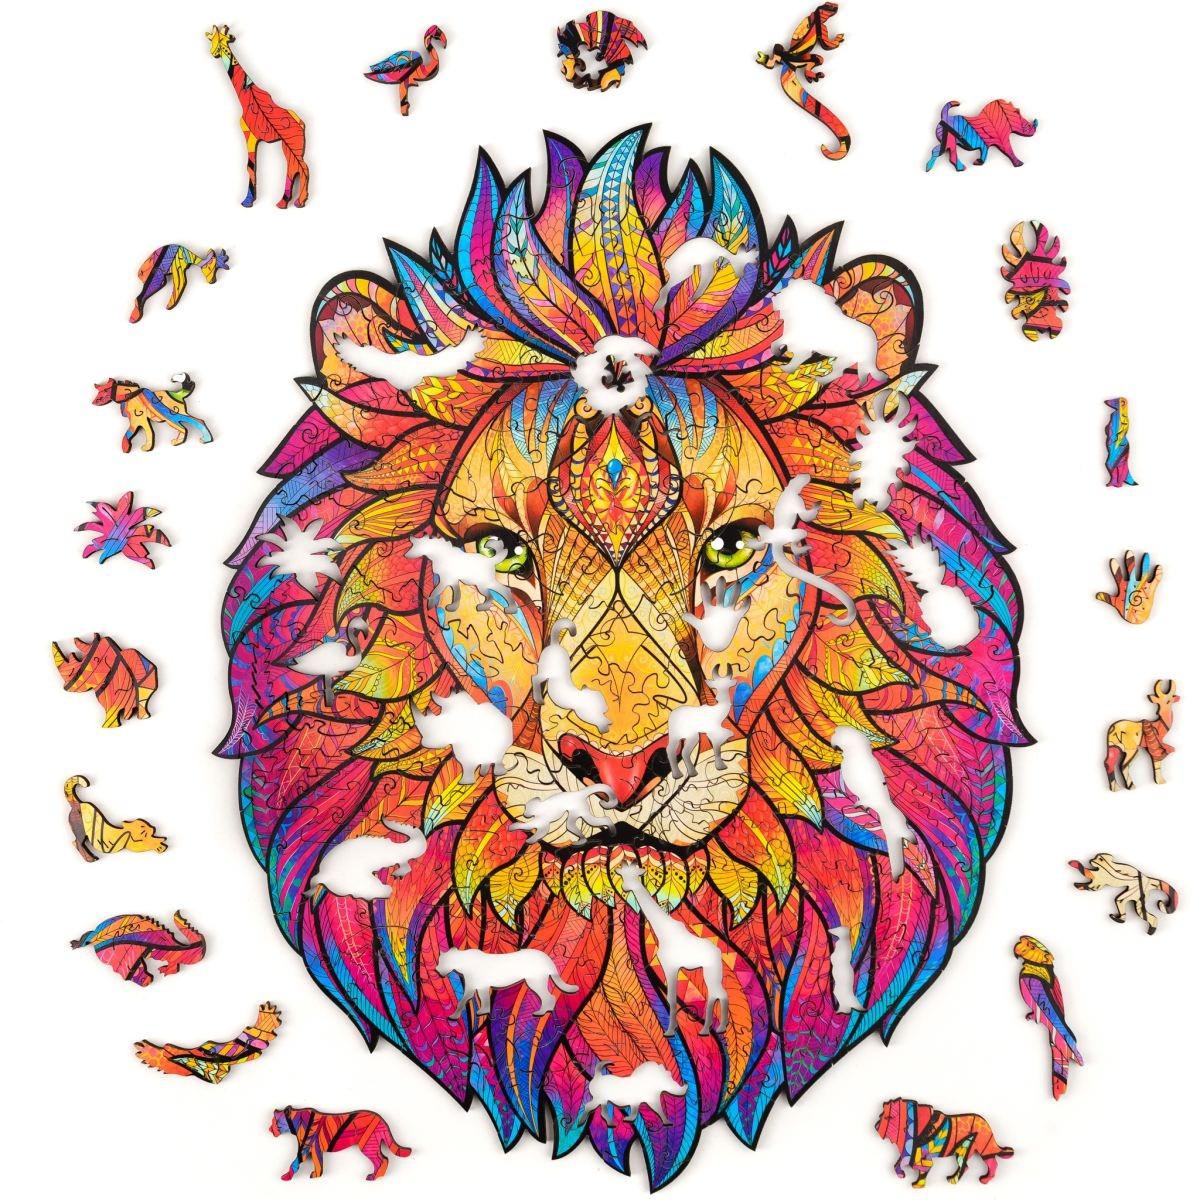 """Пазлы из дерева для взрослых А5 """"Wooden jigsaw puzzle - Mysterious lion"""", фигурный деревянный пазл лев (NS)"""